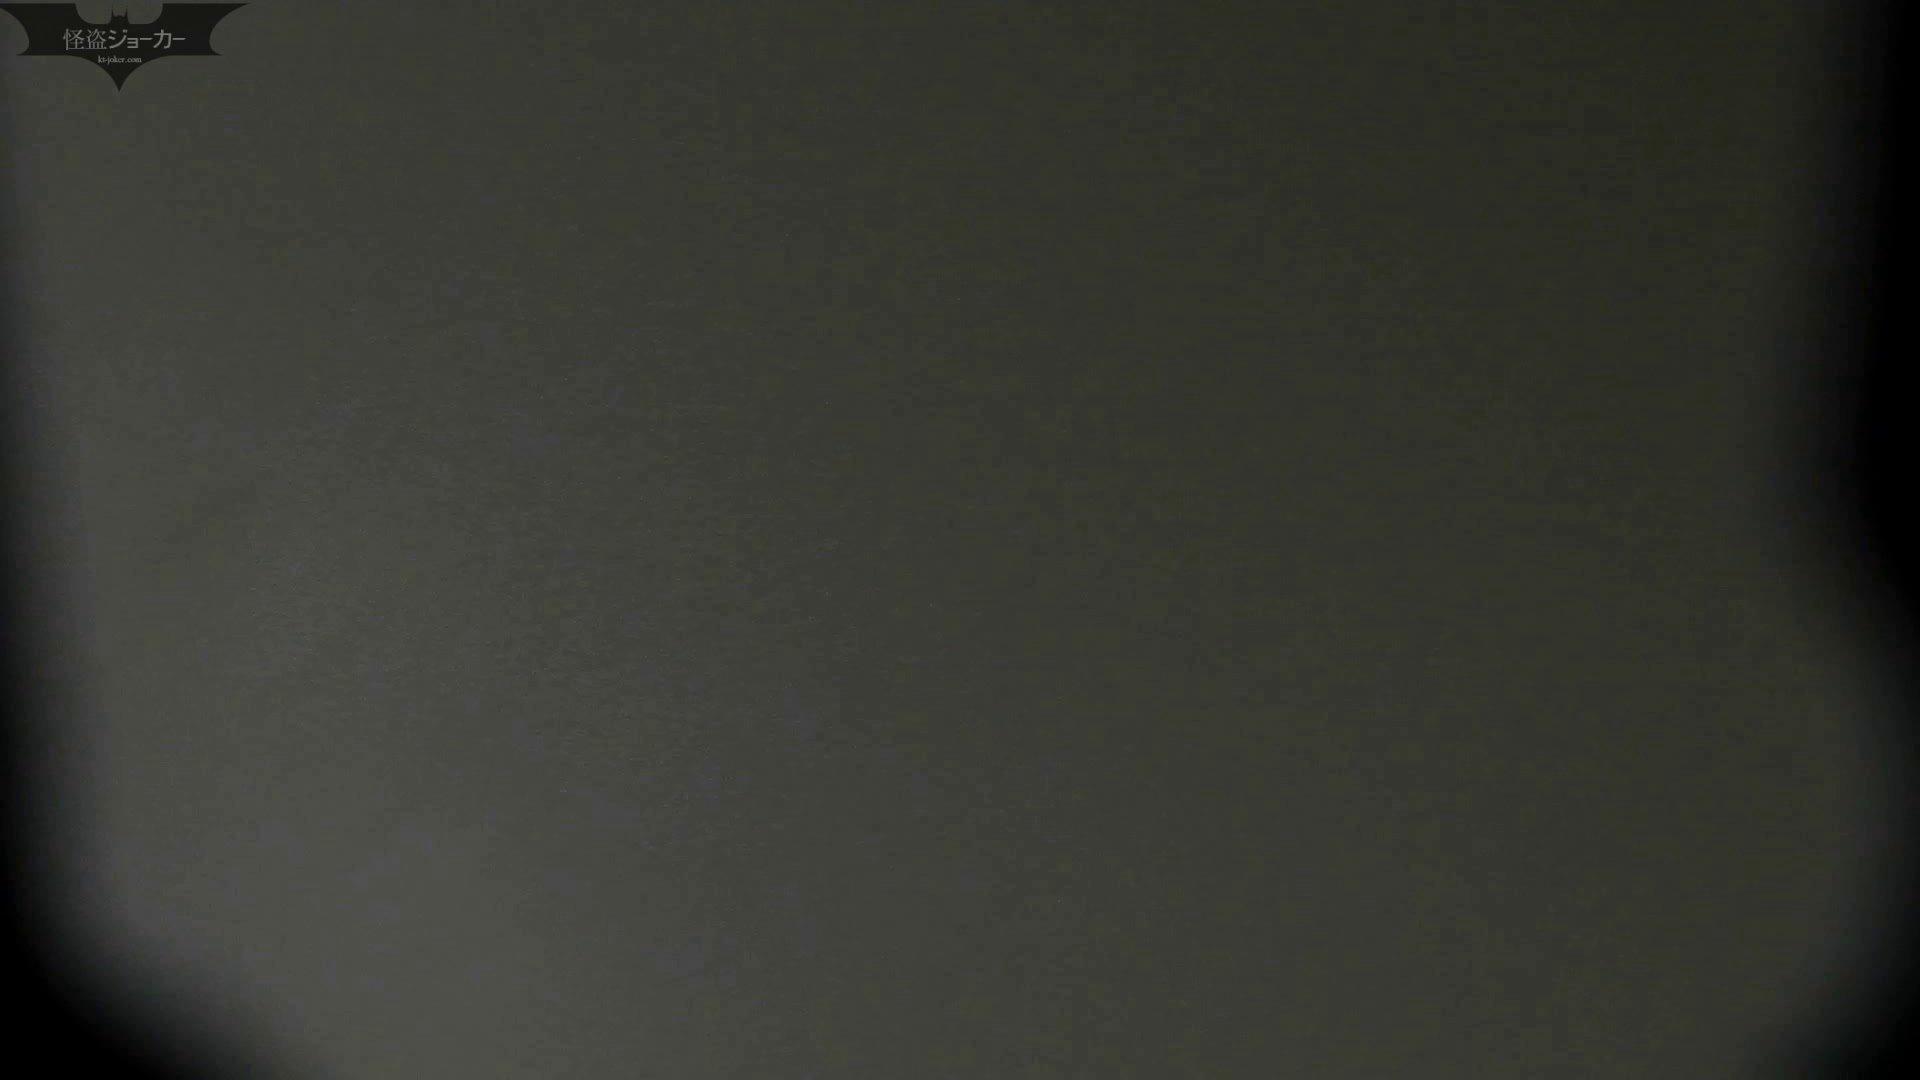 【美しき個室な世界】洗面所特攻隊 vol.046 更に進化【2015・07位】 洗面所  66pic 33